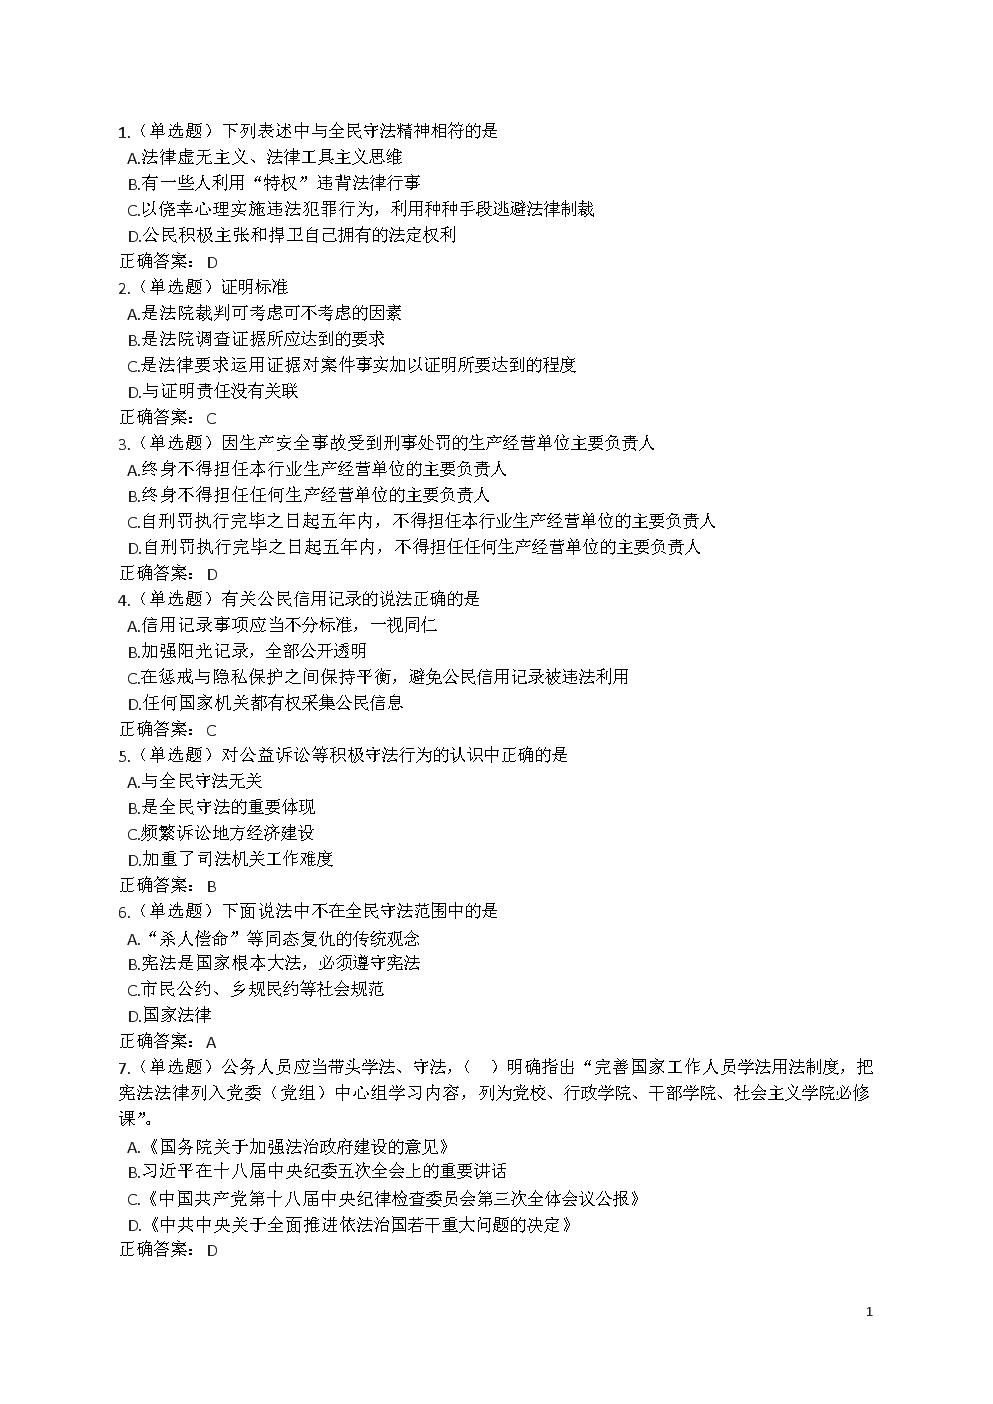 湖南省2015设计考试题库_new空气流动.doc分析的教案-风教案普法图片